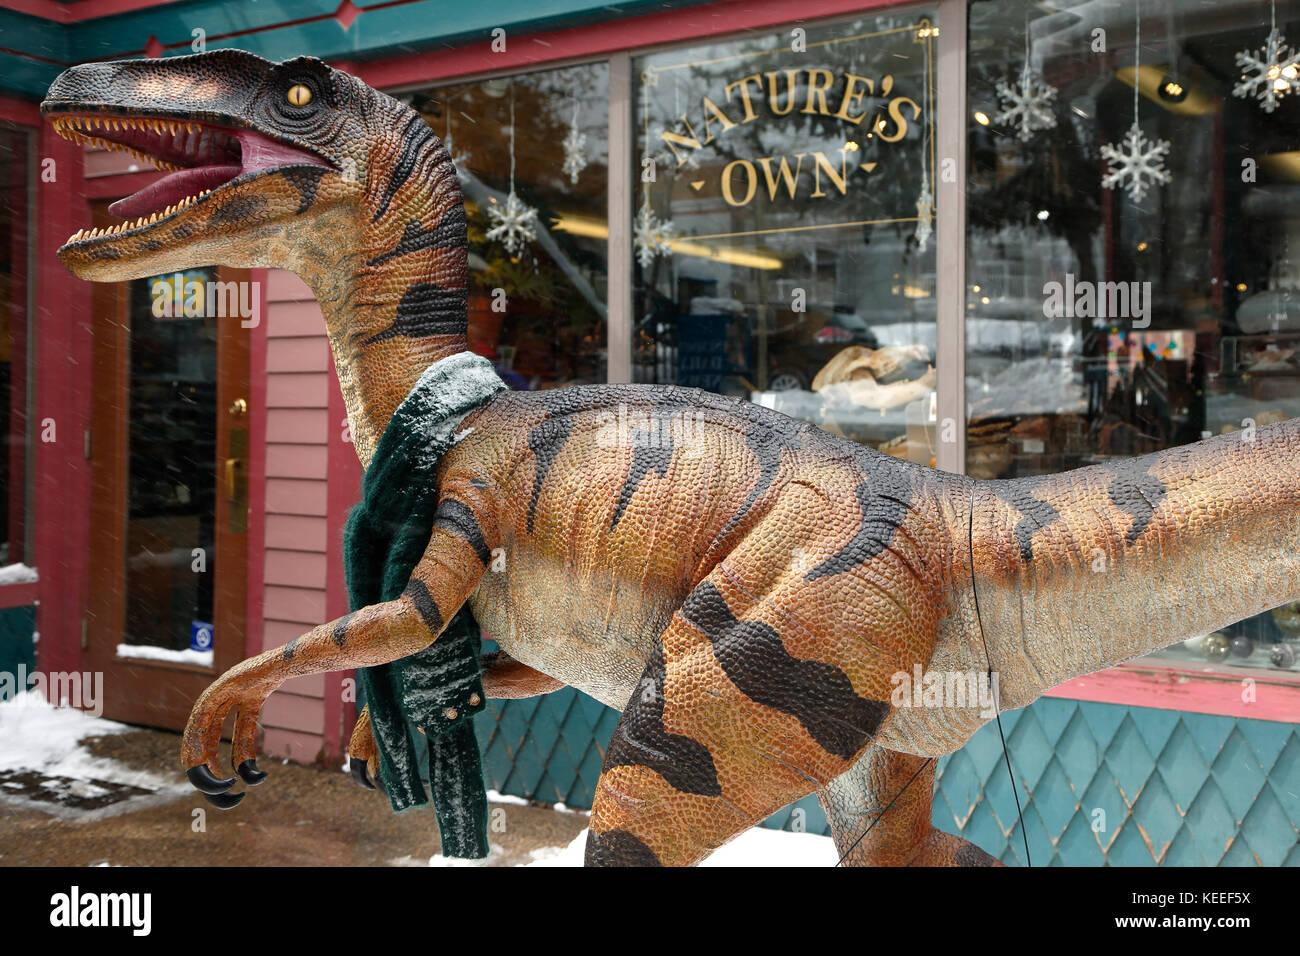 Riproduzione di dinosauri, propri della natura (fossili e minerali) negozio, Breckenridge, Colorado, Stati Uniti Immagini Stock